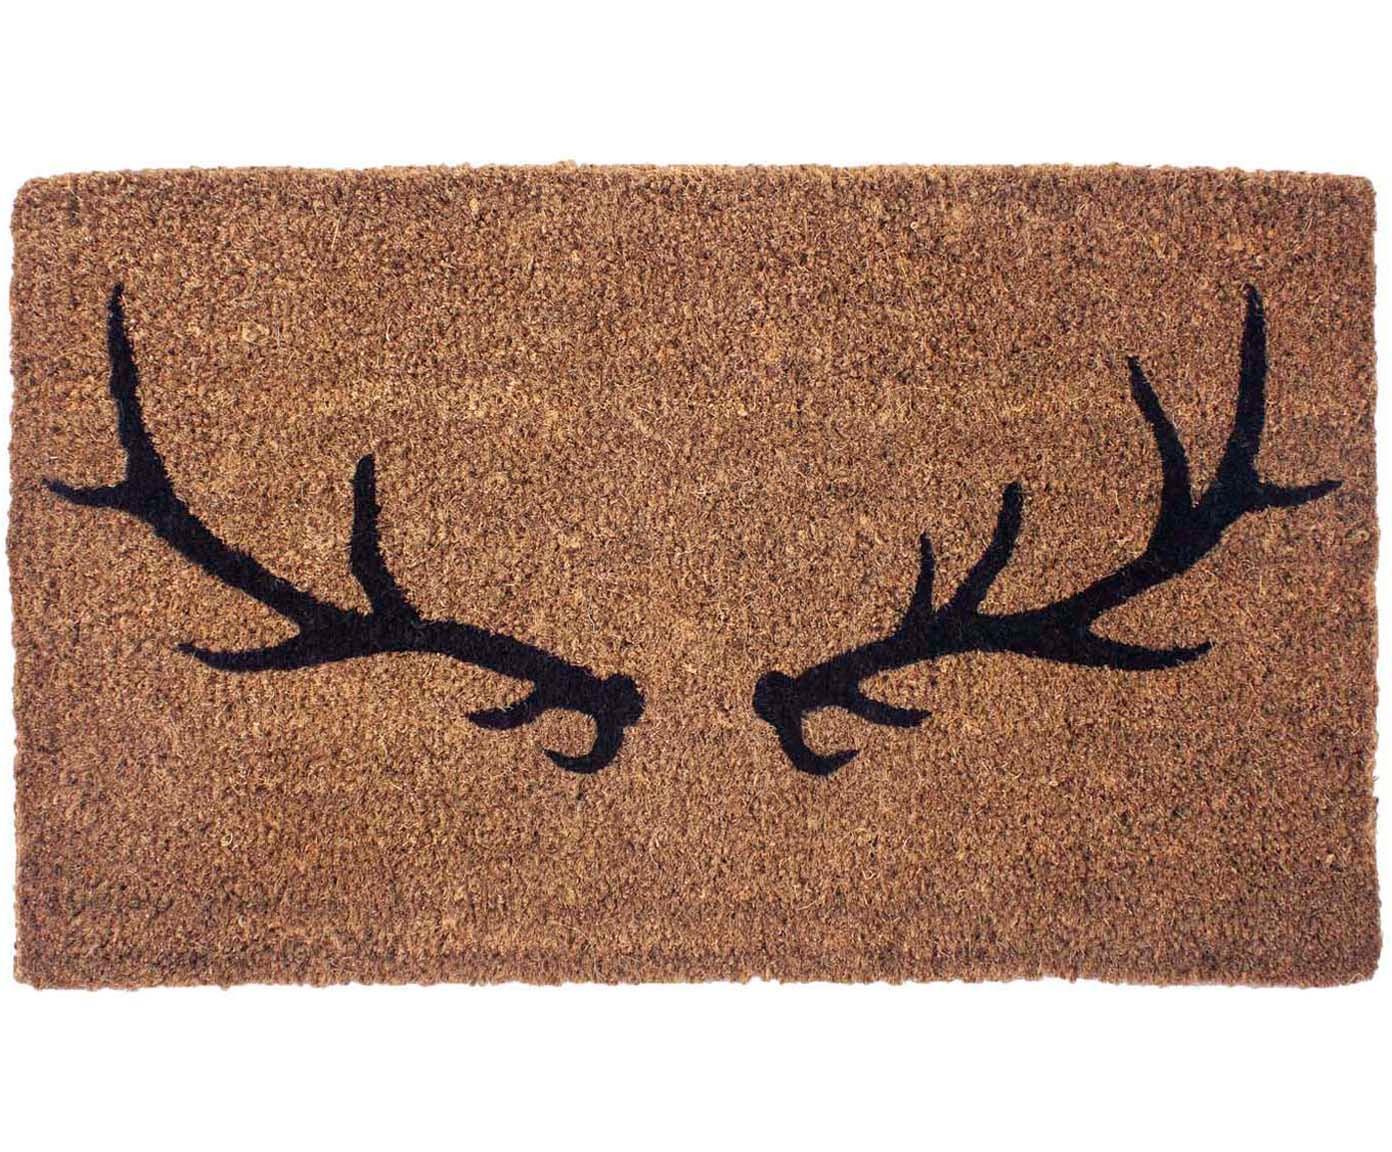 Zerbino in cocco intrecciato a mano Antlers, Fibra di cocco, Beige, nero, Larg. 45 x Lung. 75 cm